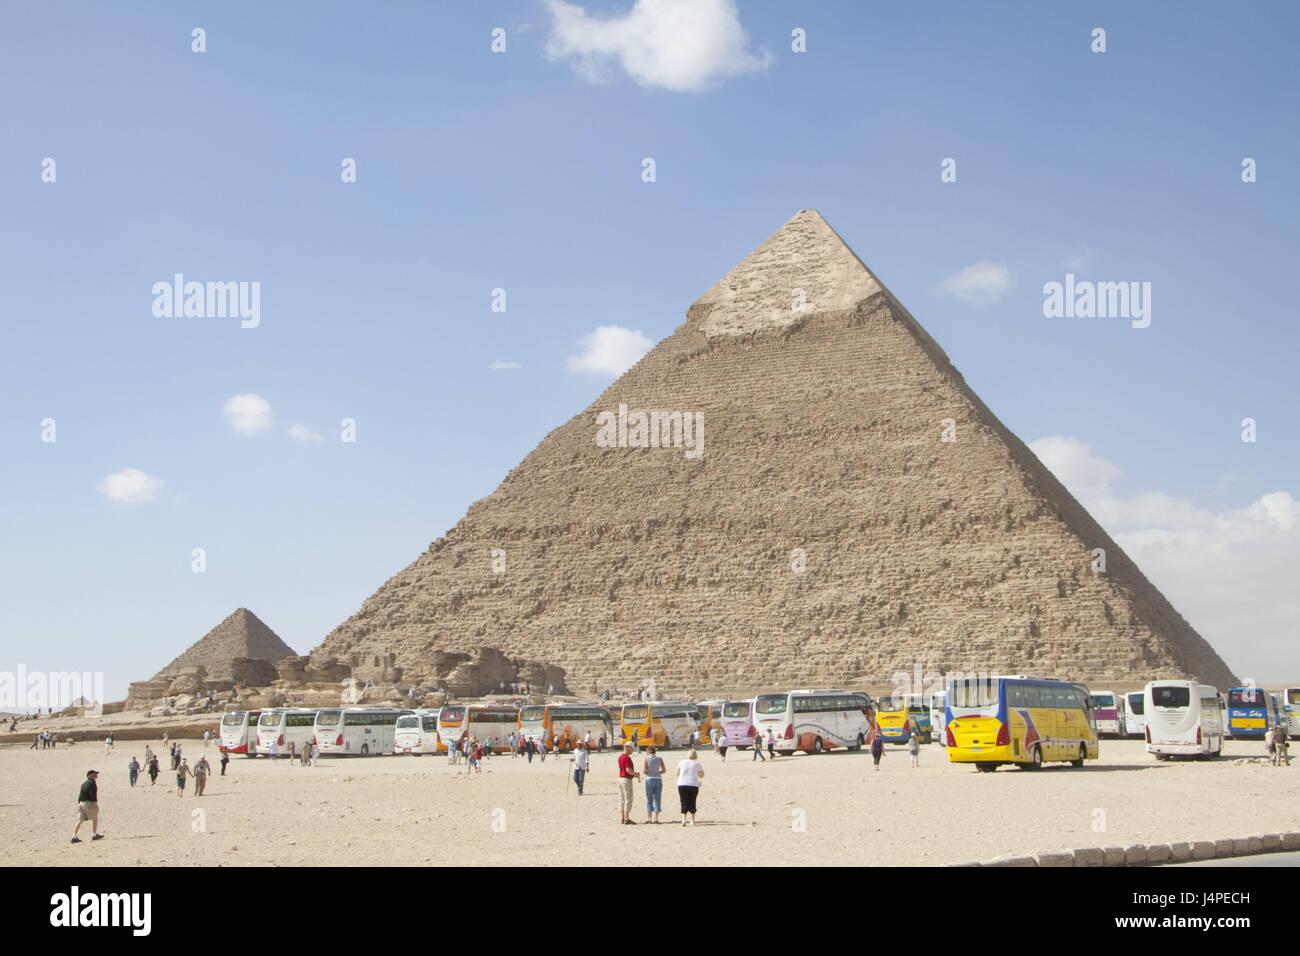 Ägypten, Pyramiden von Gizeh, Reisebusse, Touristen, Personen, Pyramiden, Urlaub Busse, Park, Orte von Interesse, Stockbild